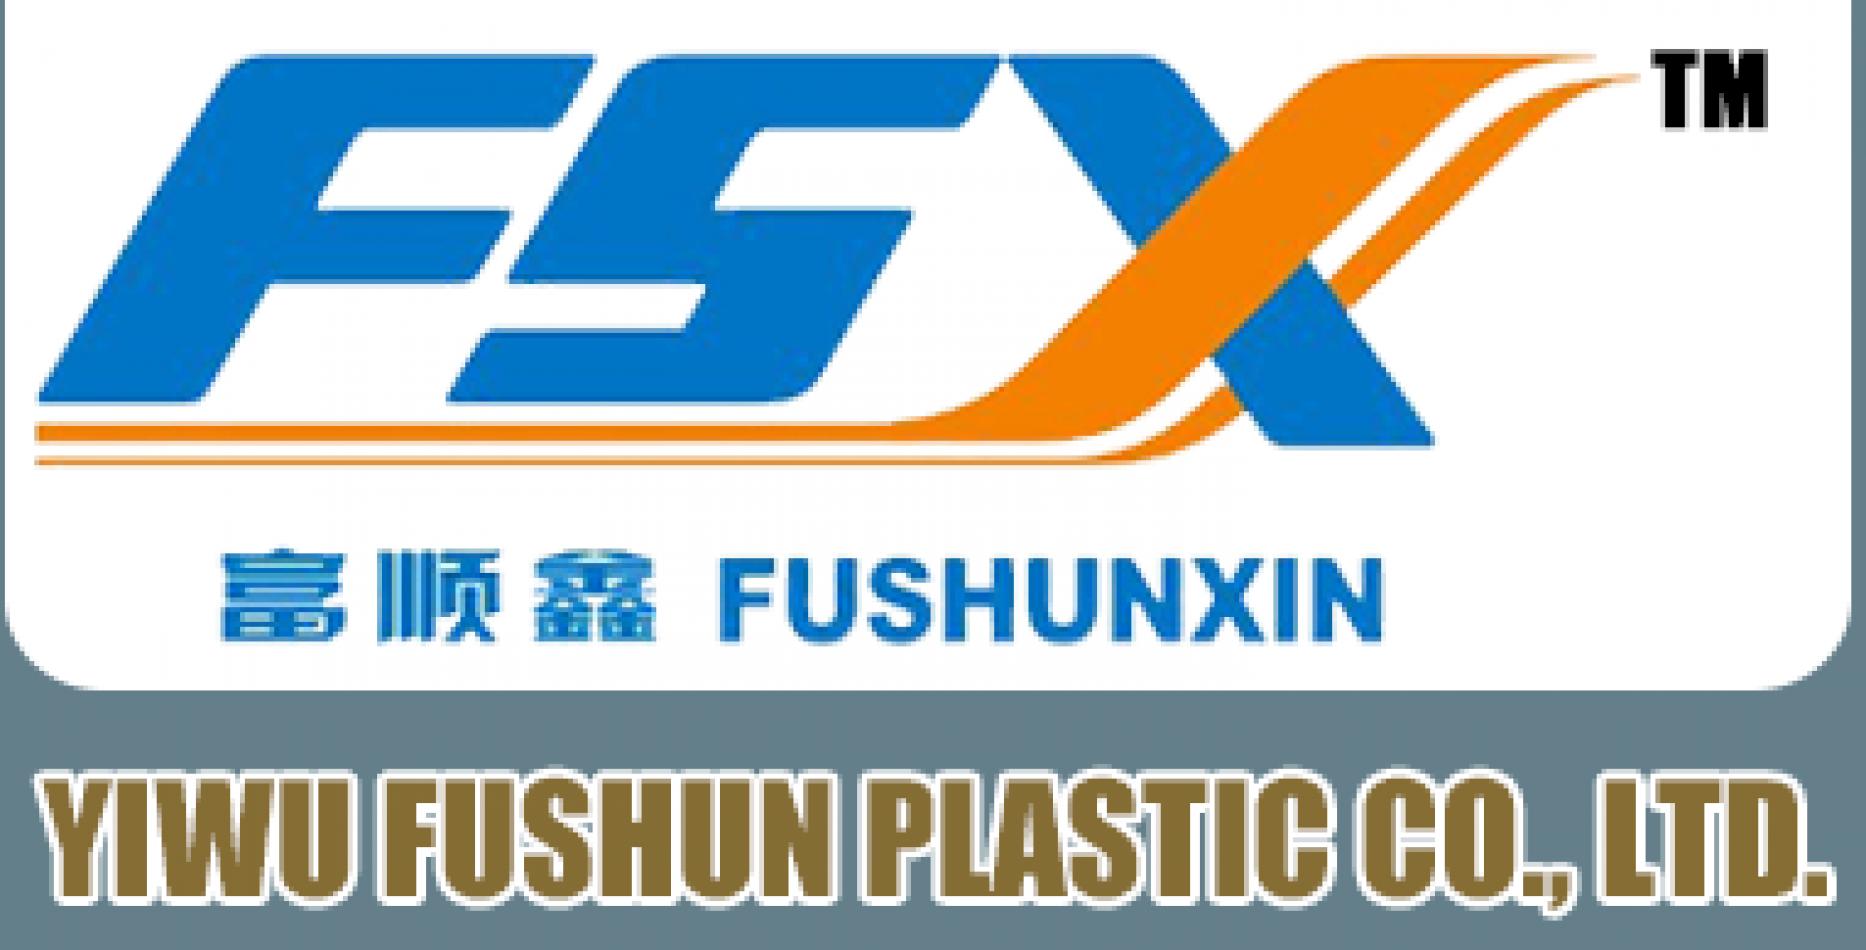 YIWU FUSHUN PLASTIC CO., LTD